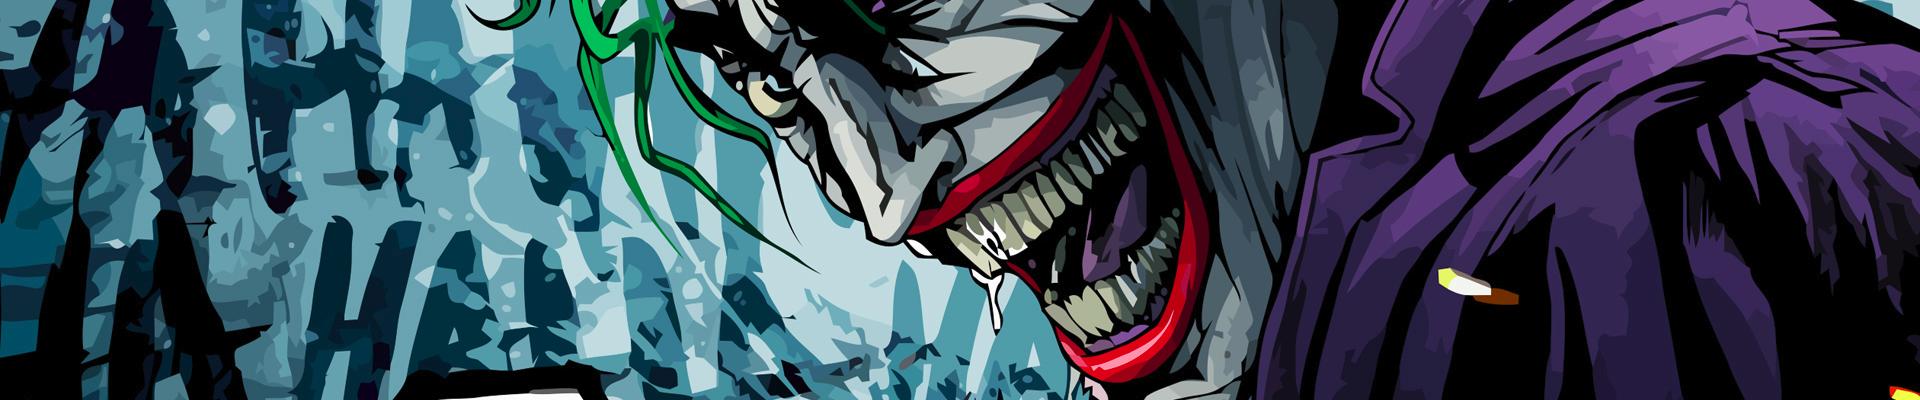 Комиксы. Простой сосед Мститель и самый крутой бомж - Изображение 6